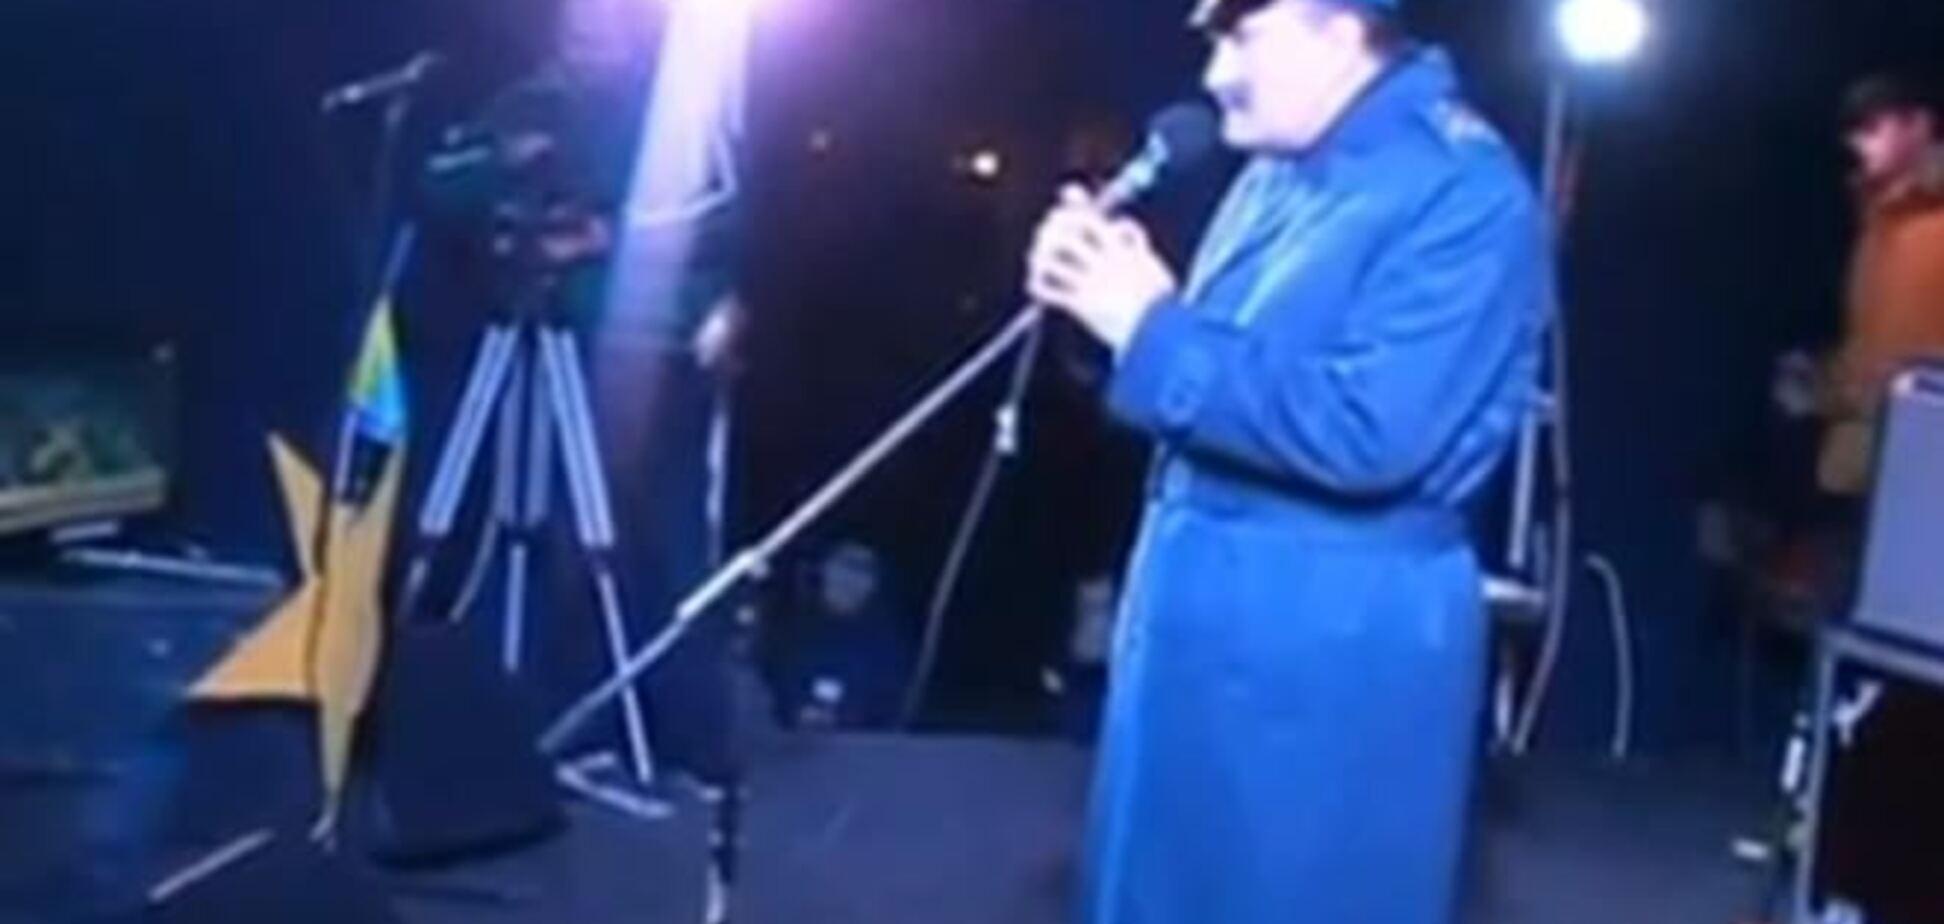 Во Львове офицеры с трибуны выражают свою солидарность с митингующими